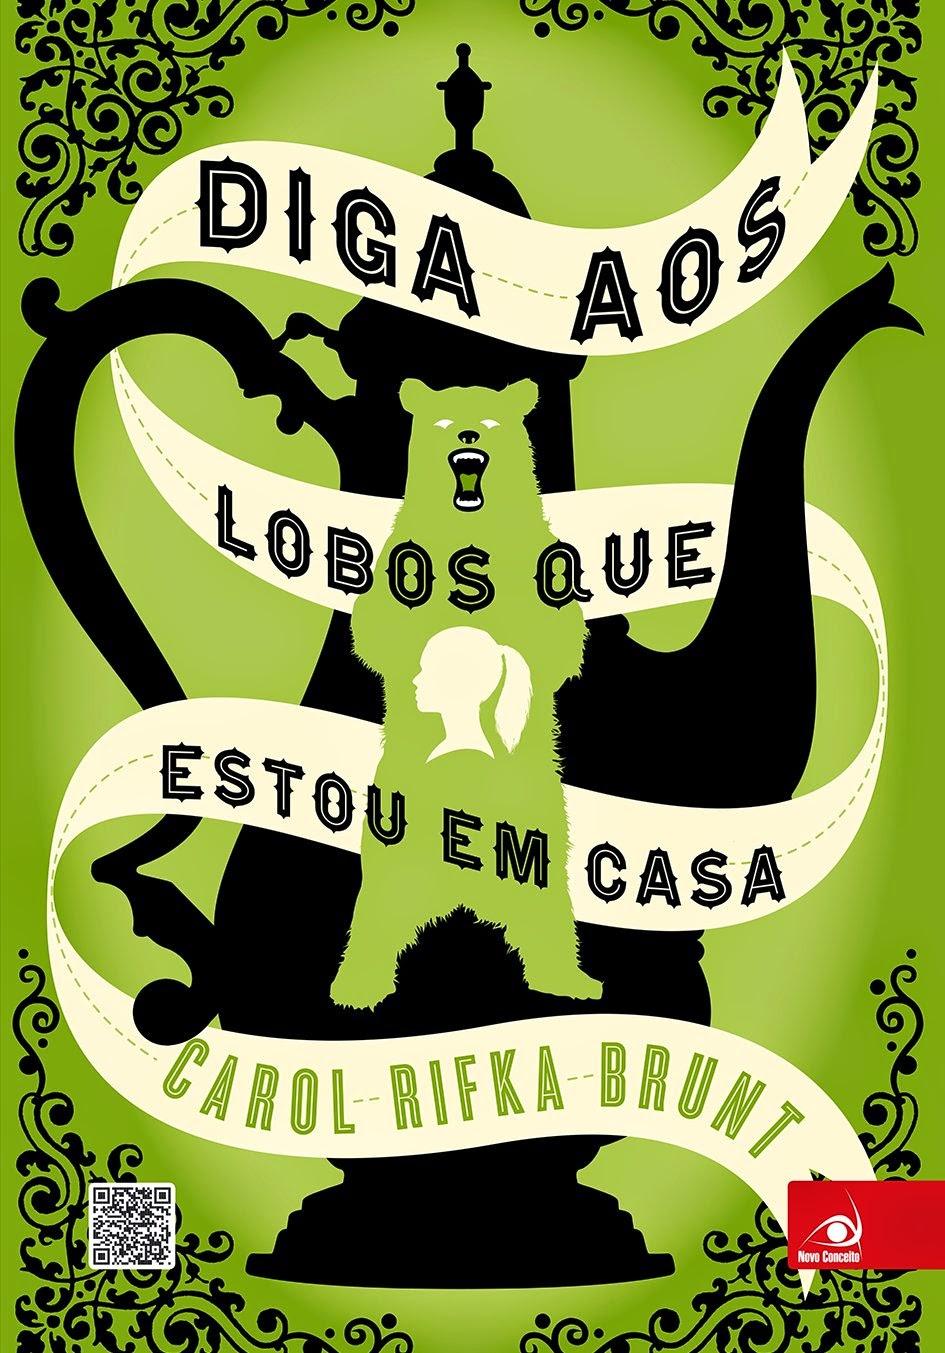 http://www.skoob.com.br/livro/344445-diga-aos-lobos-que-estou-em-casa